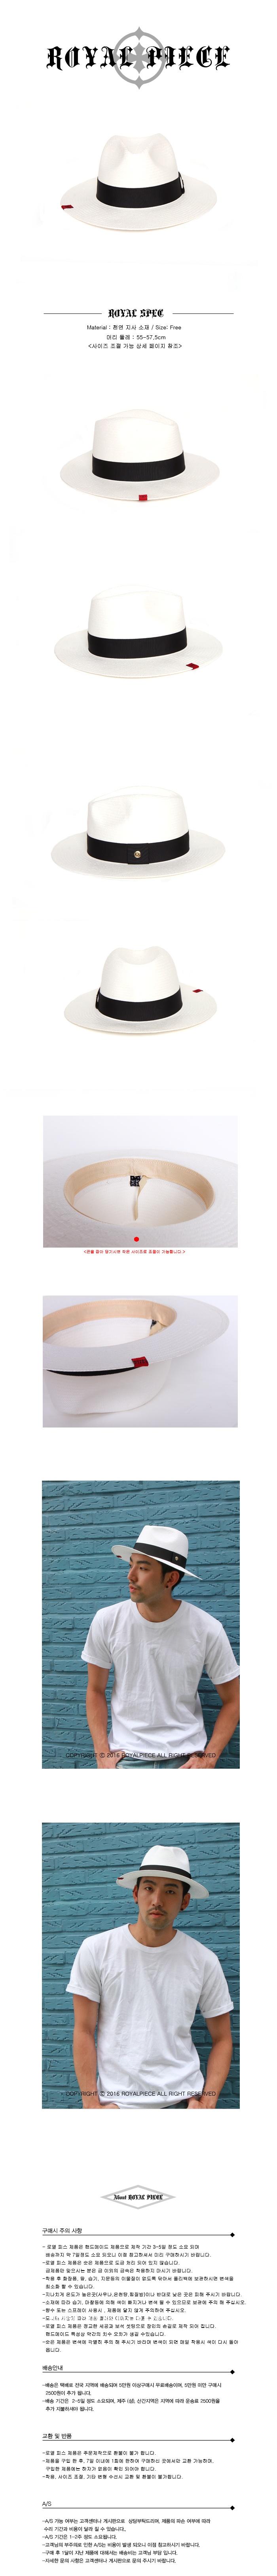 로얄피스(ROYAL PIECE) 로얄피스 x 엑스피어파나마햇  31cm 화이트